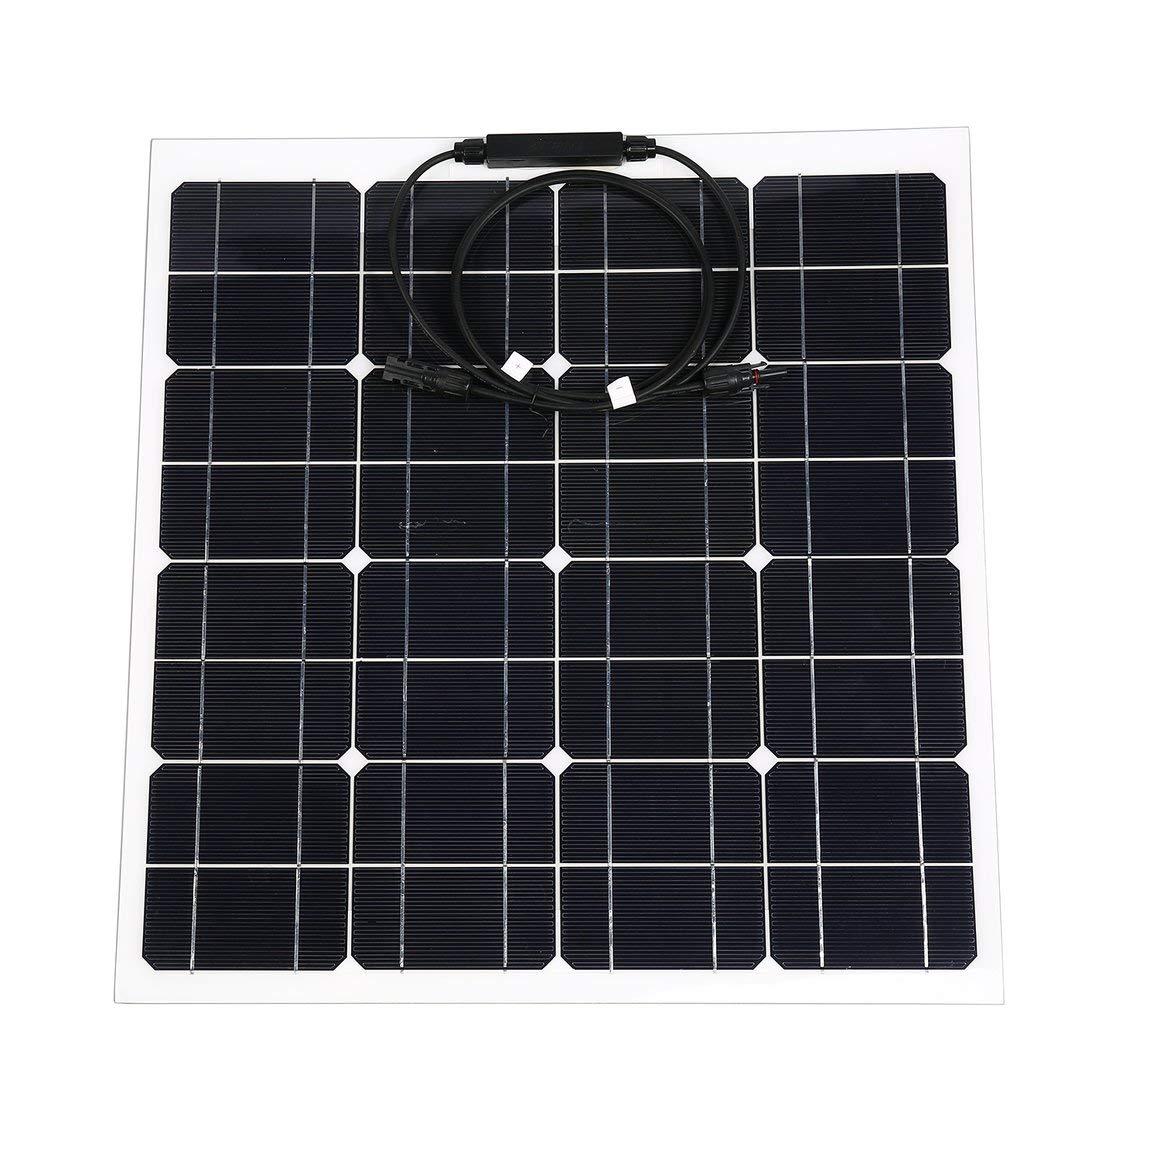 Funnyrunstore 12V 50W Flessibile della Batteria Caricatore Solare Caricatore del Pannello Solare Portatile con la Clip,Nero